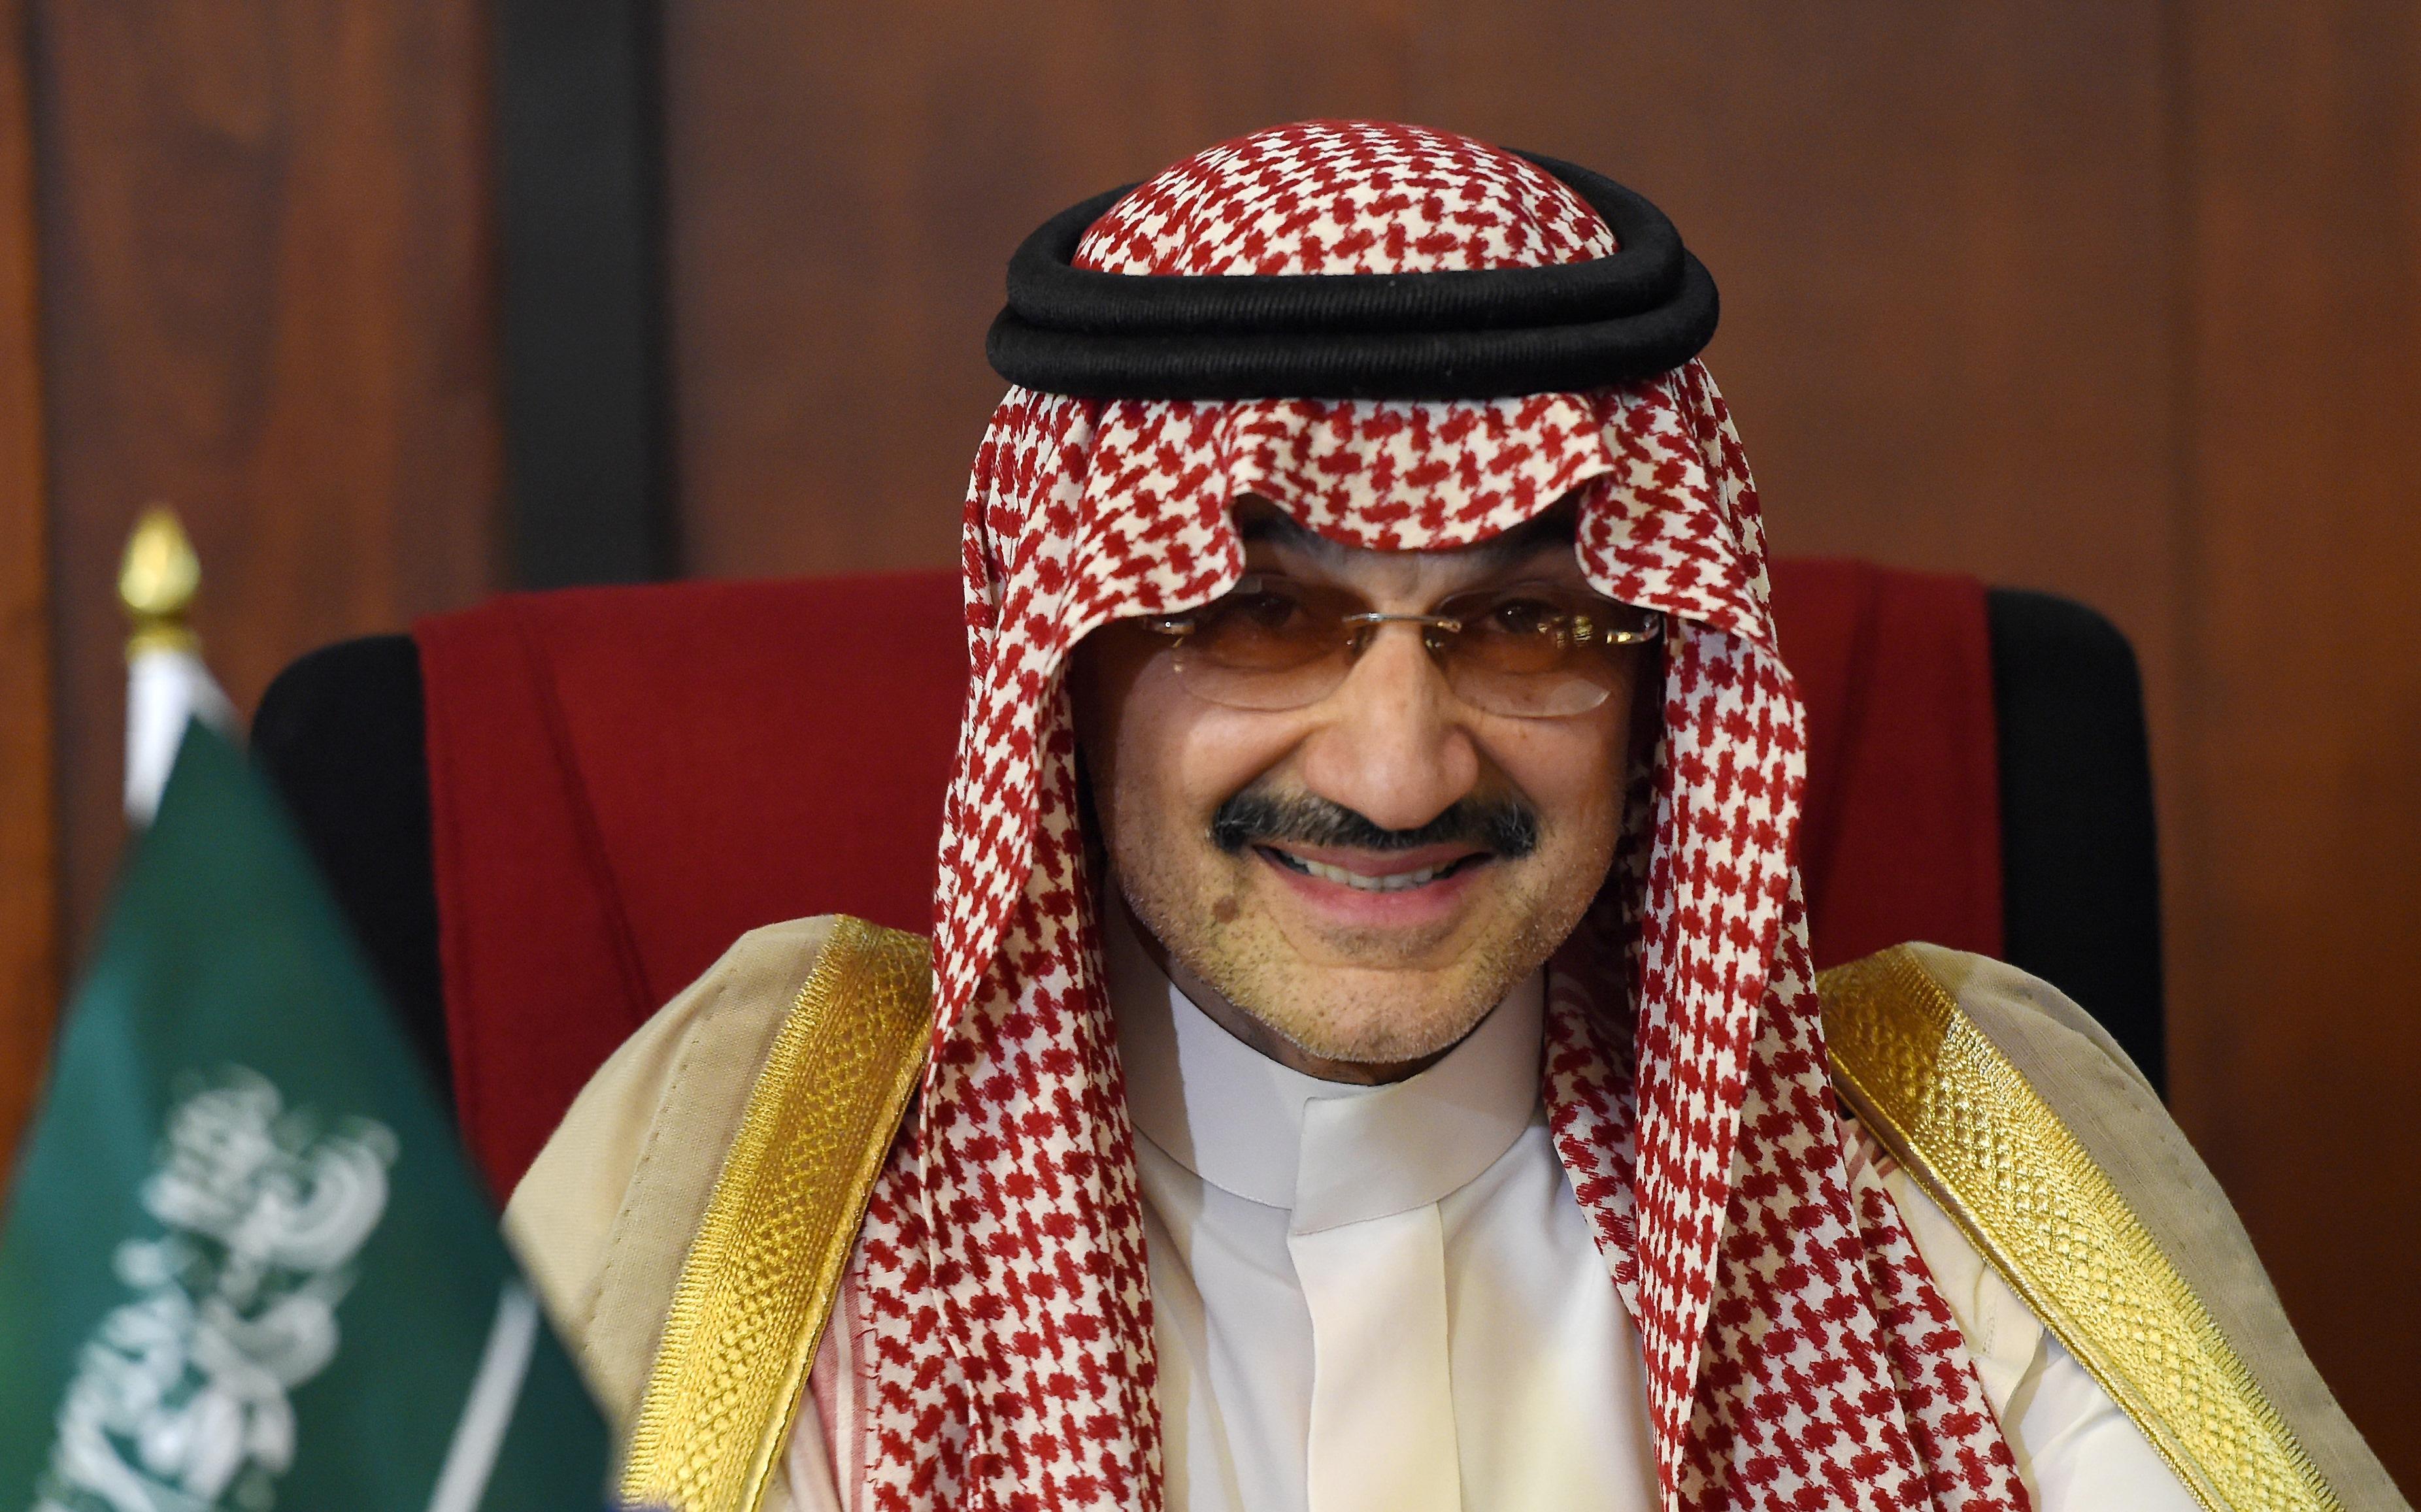 Saudi royal Getty Images/ISHARA S. KODIKARA